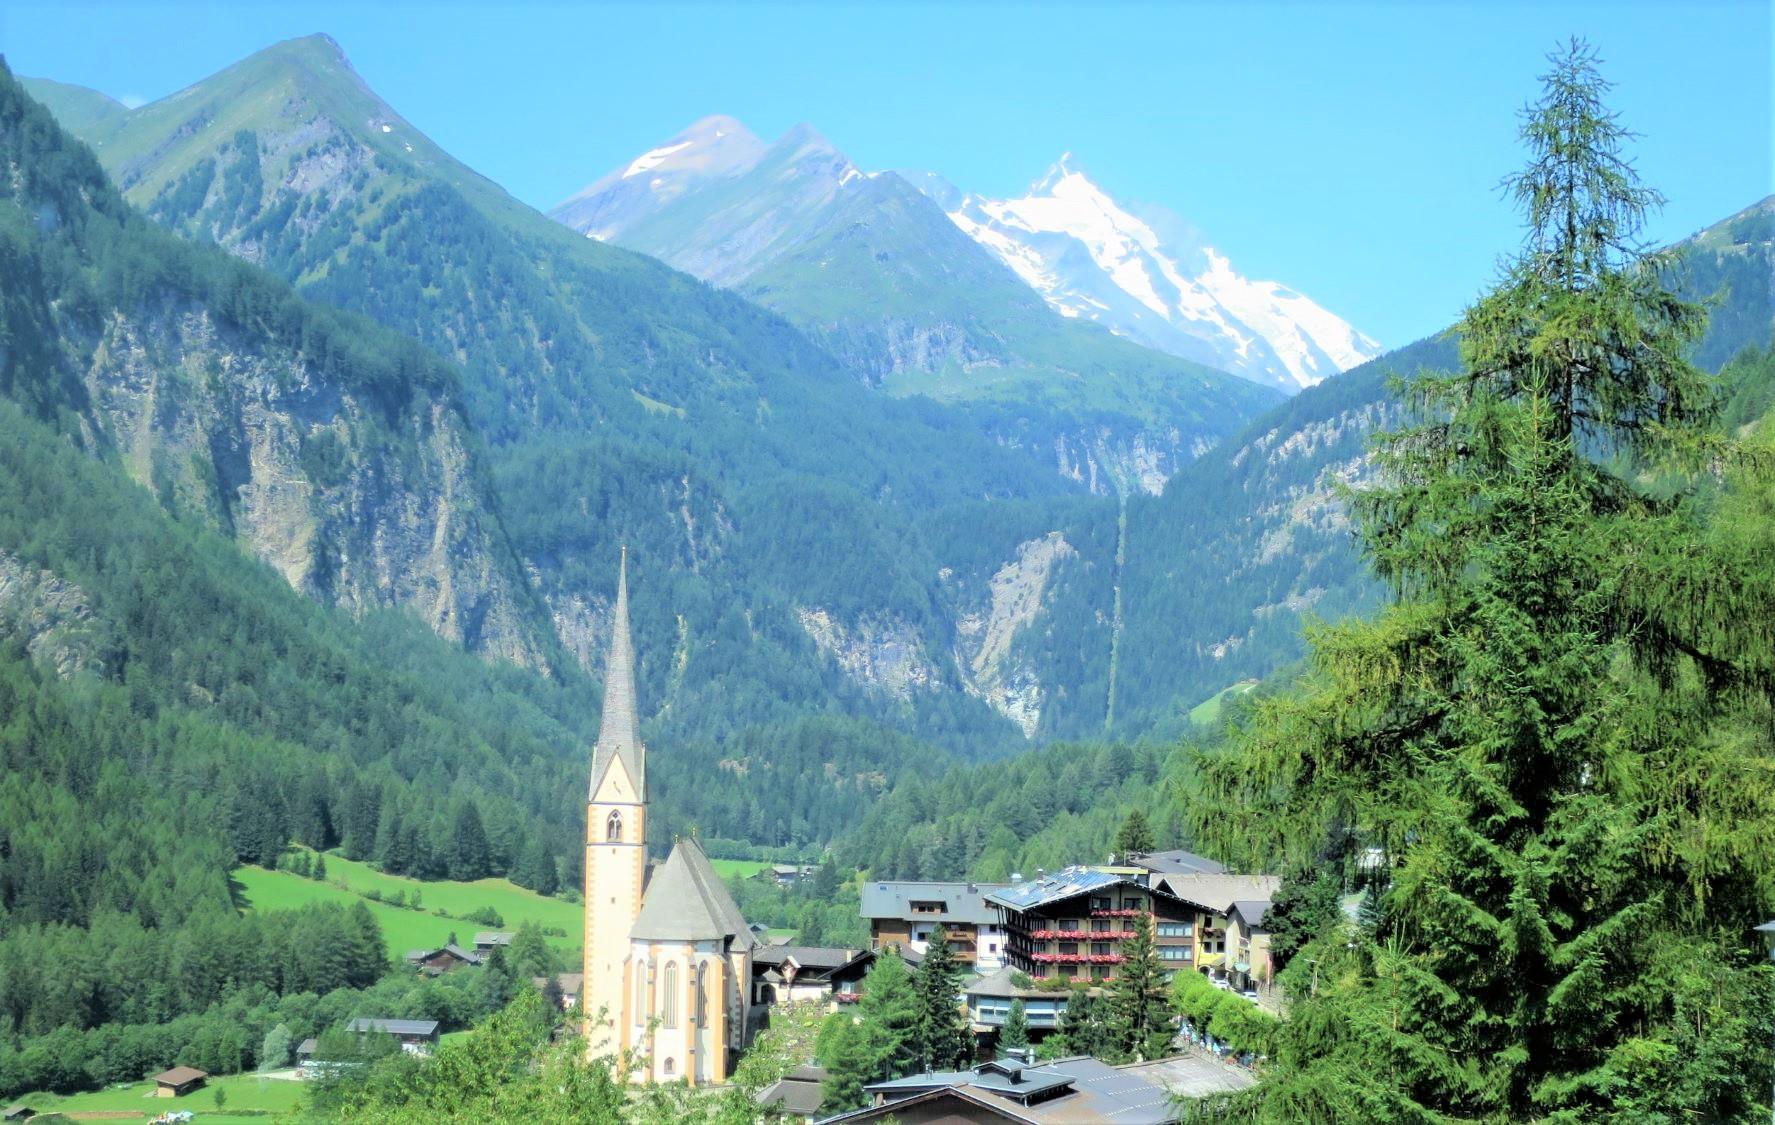 ハルシュタットから望むオーストリア最高峰グロースグロックナー(3日目)